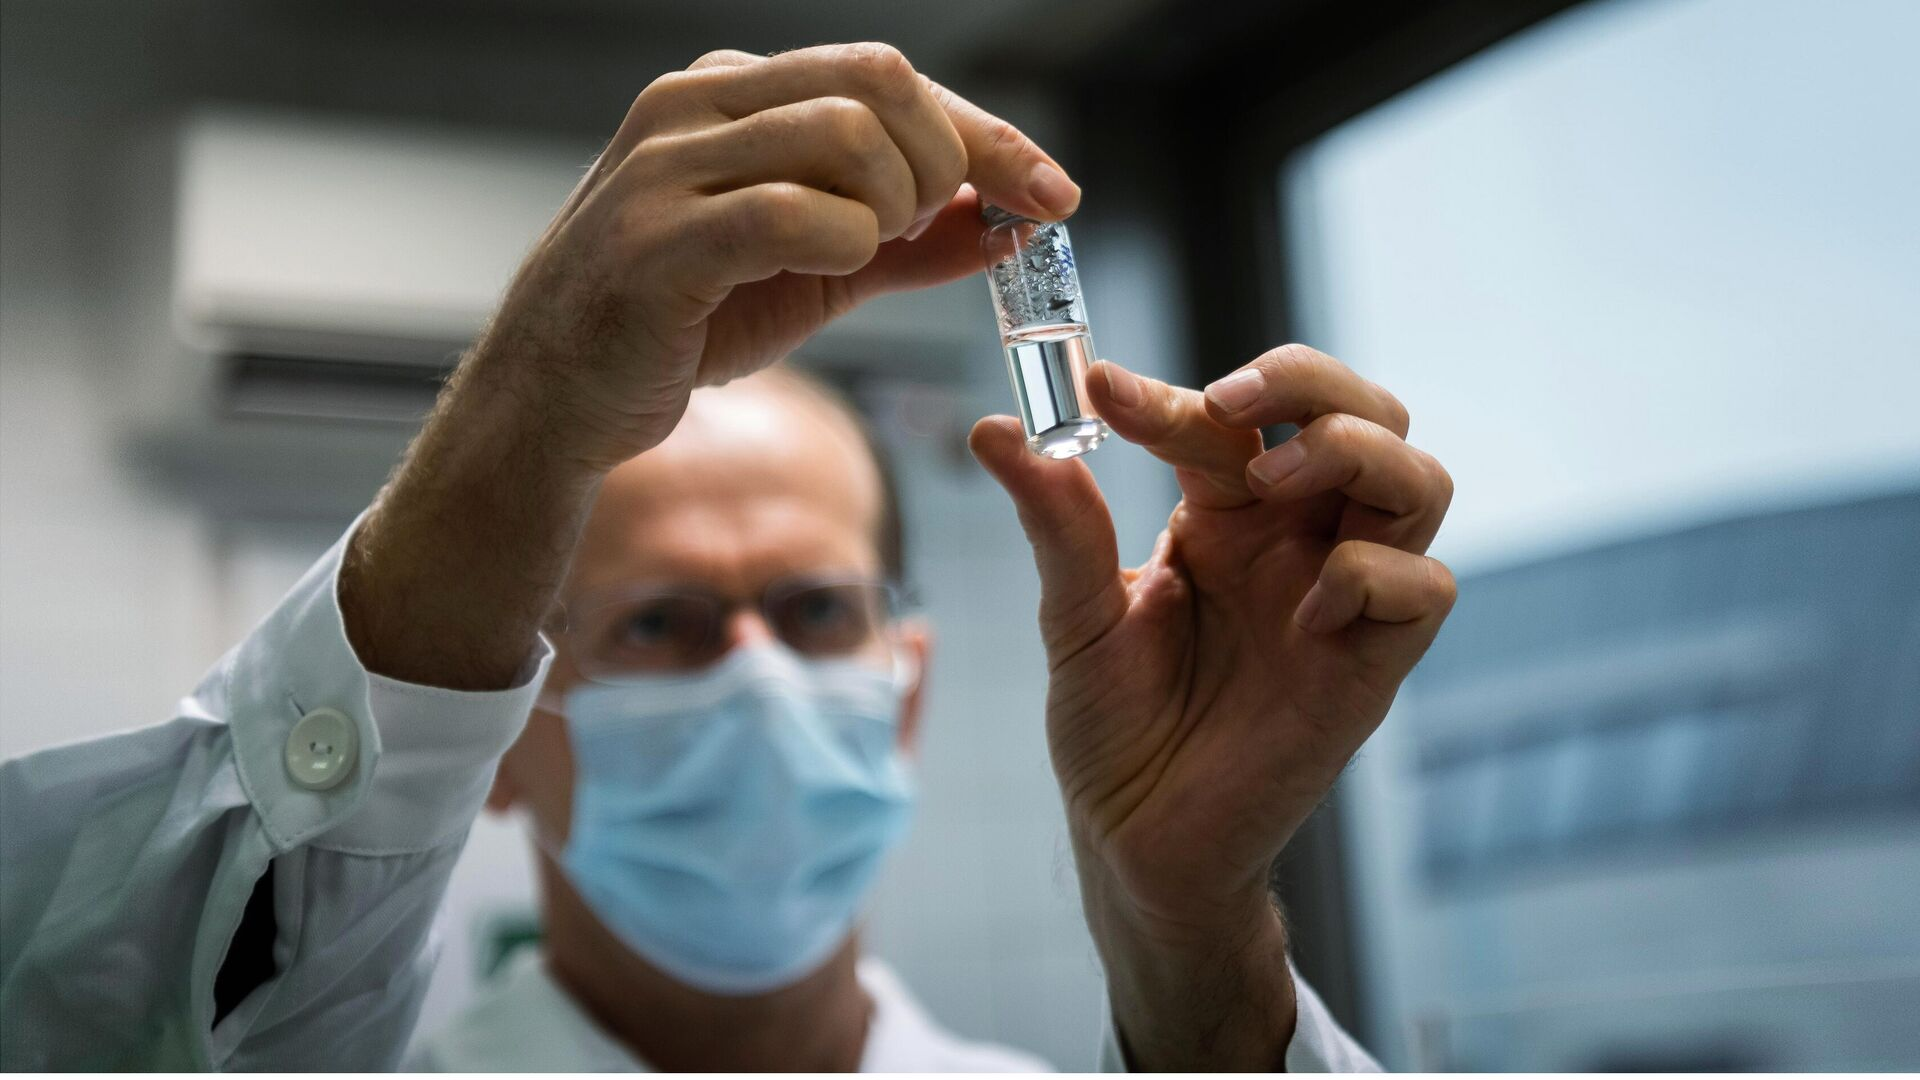 Российская вакцина Спутник V от коронавируса доставлена в Венгрию для клинических исследований - РИА Новости, 1920, 20.11.2020